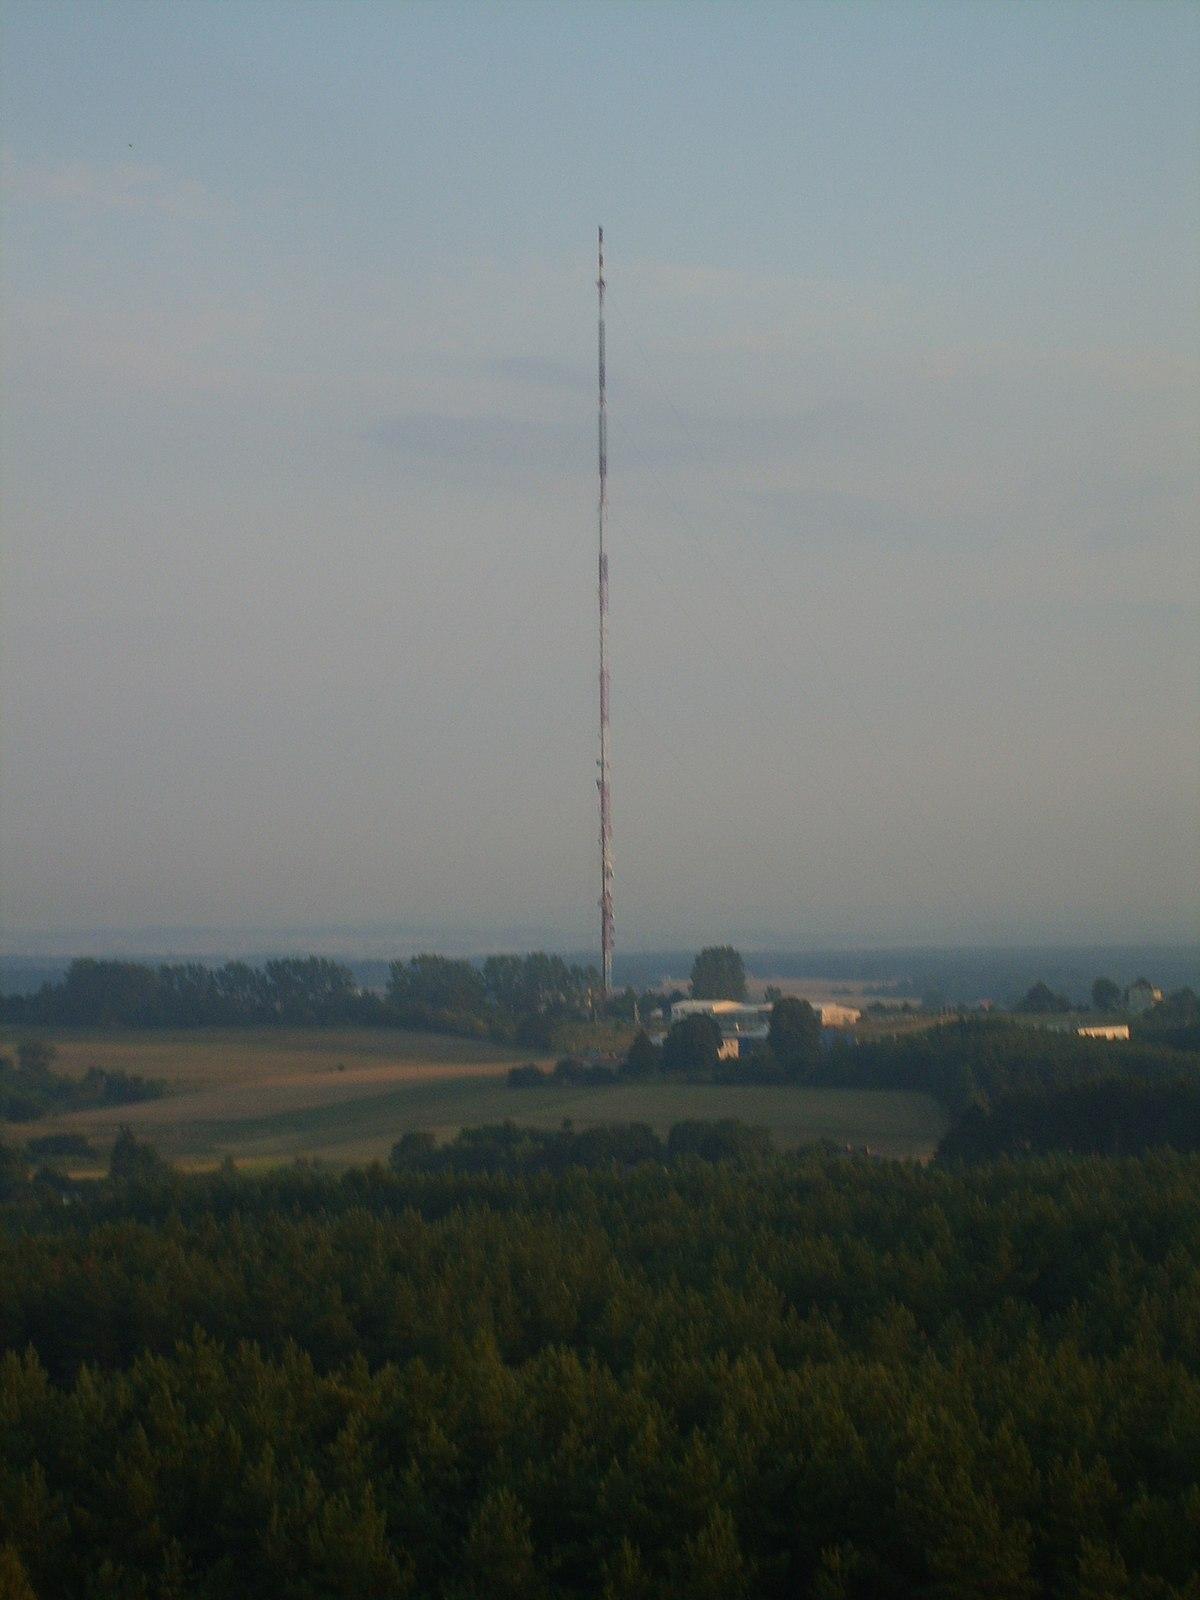 Fm and TV Mast Chwaszczyno - Wikipedia